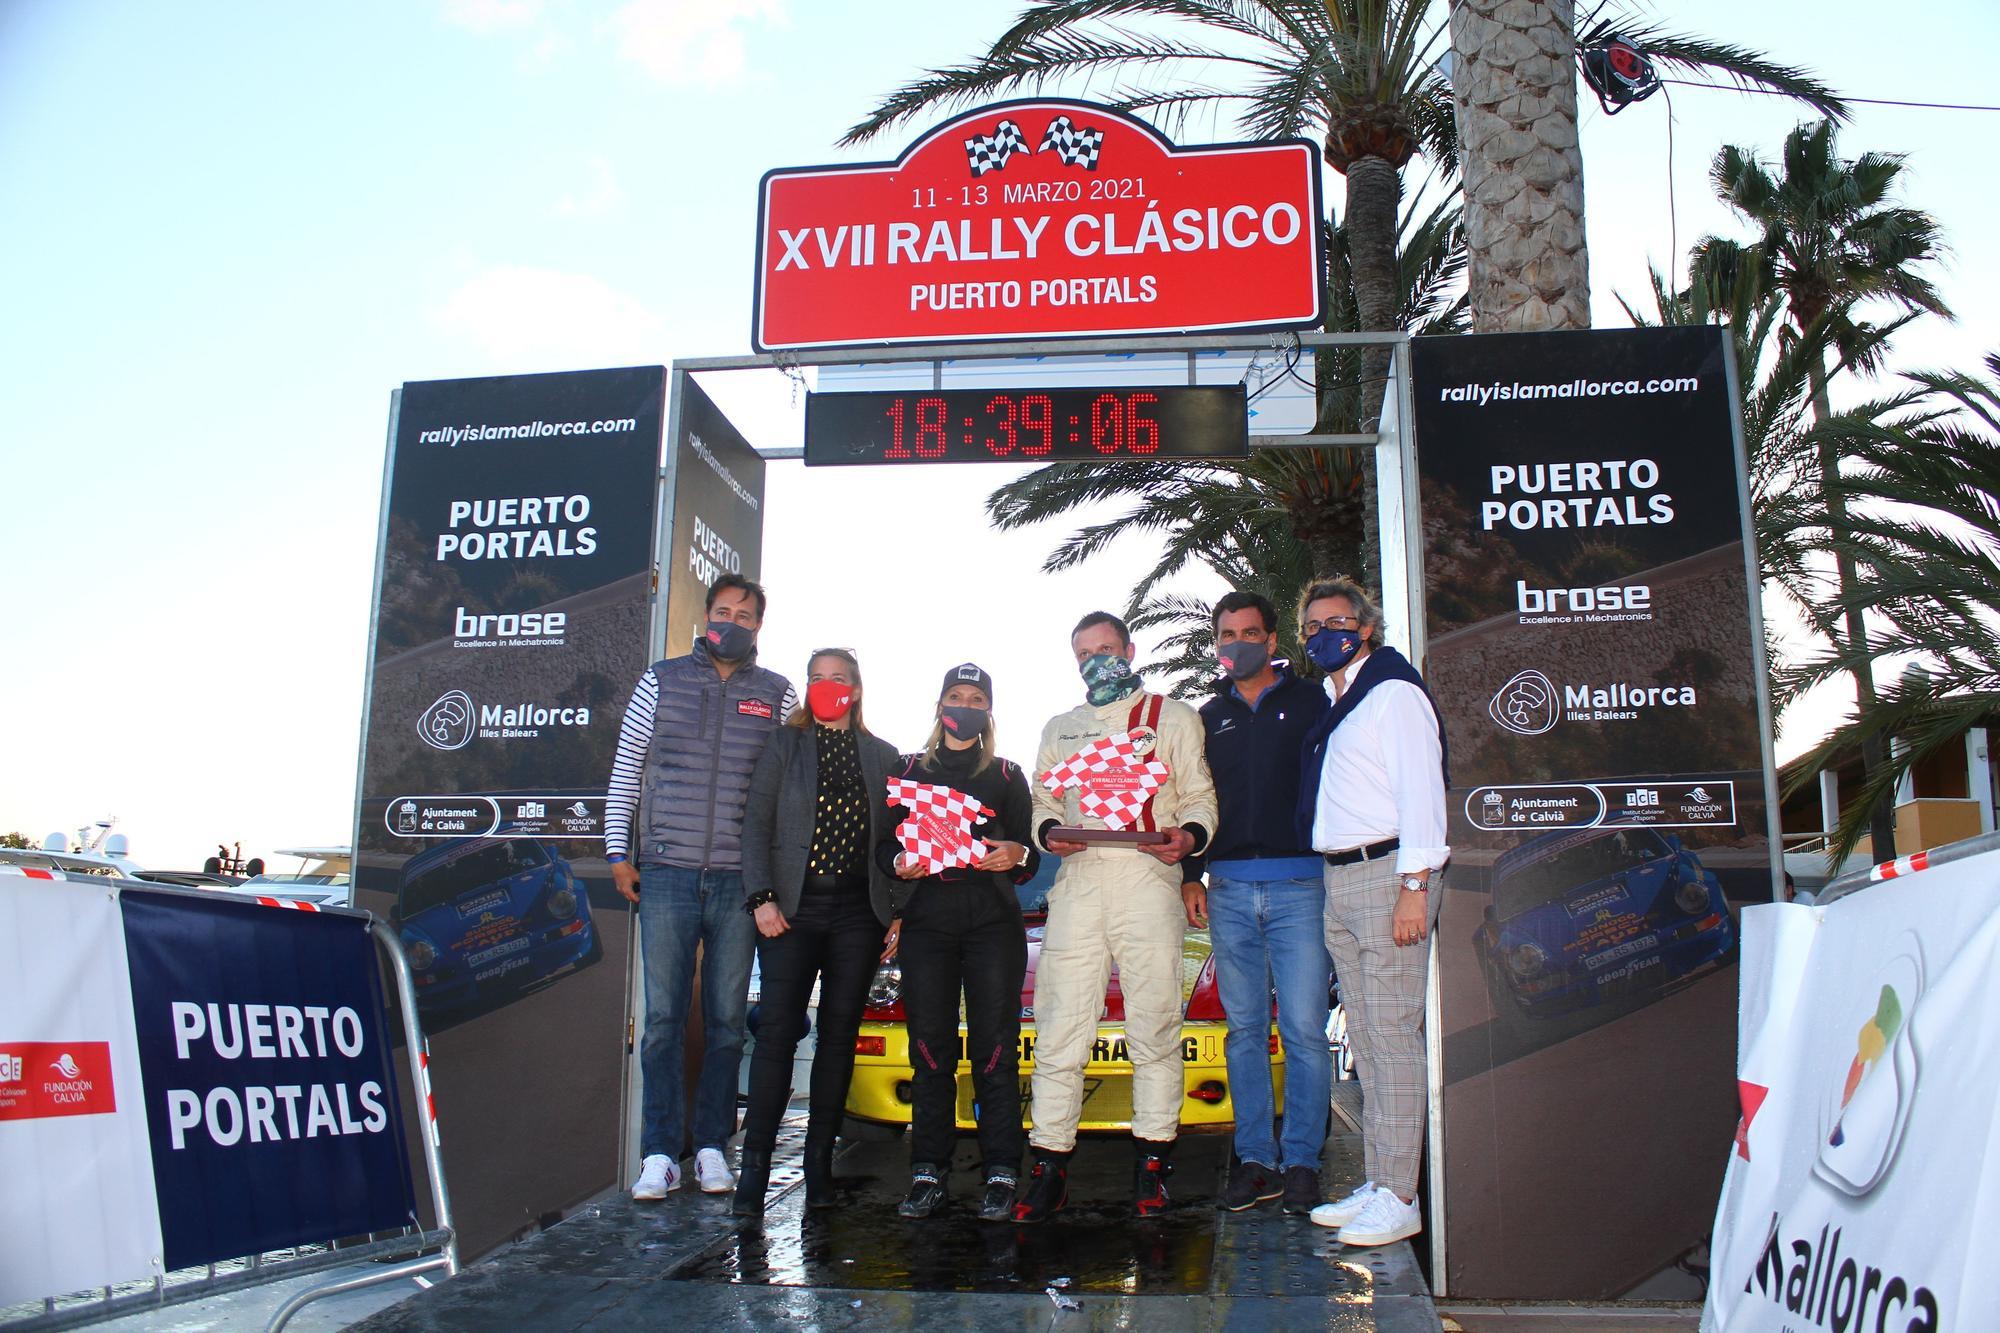 El alemán Feustel gana el XVII Rally Clásico Isla de Mallorca